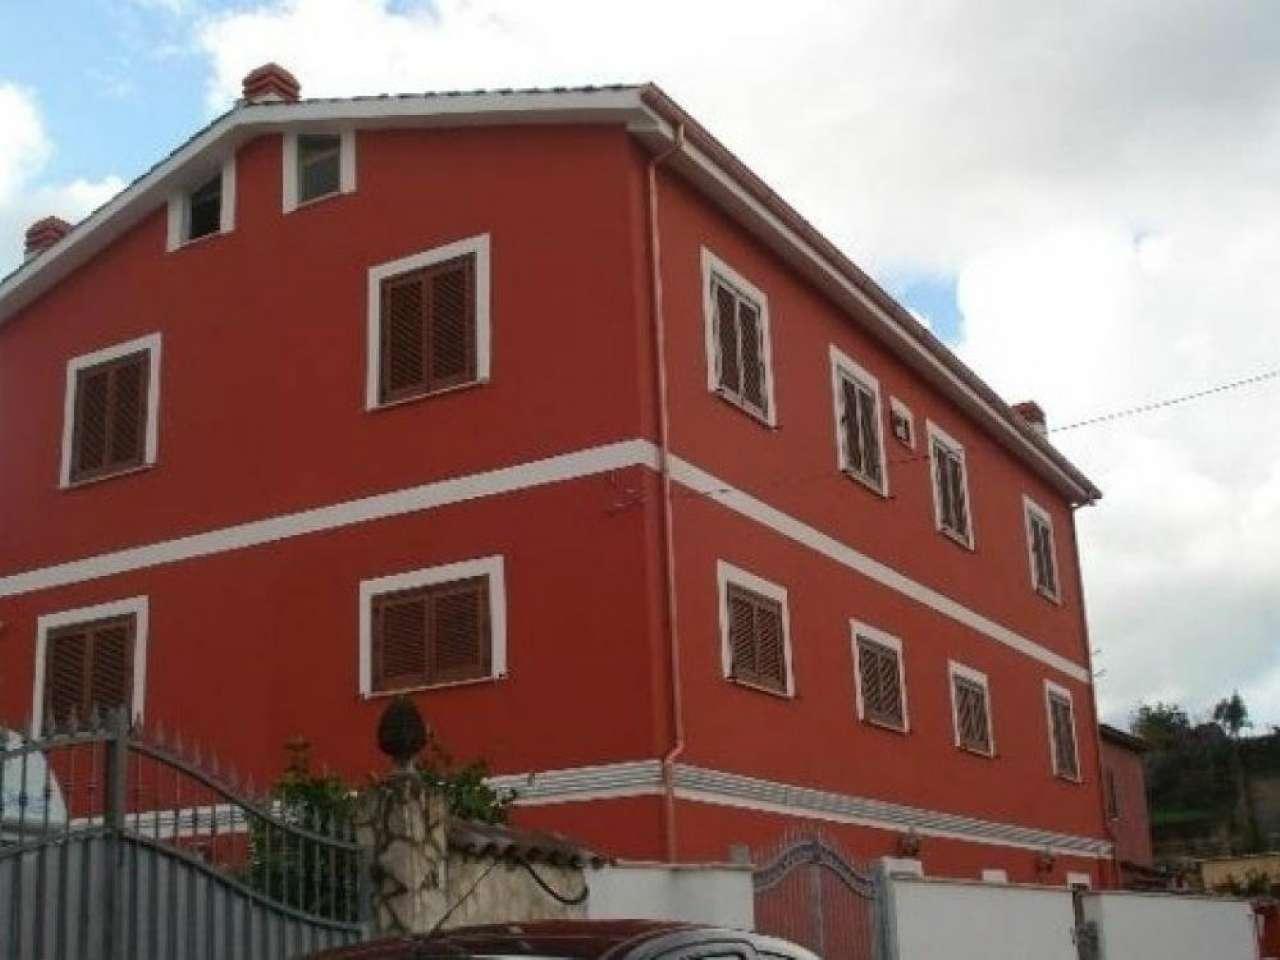 Appartamento in vendita a Ardea, 2 locali, prezzo € 69.000 | CambioCasa.it